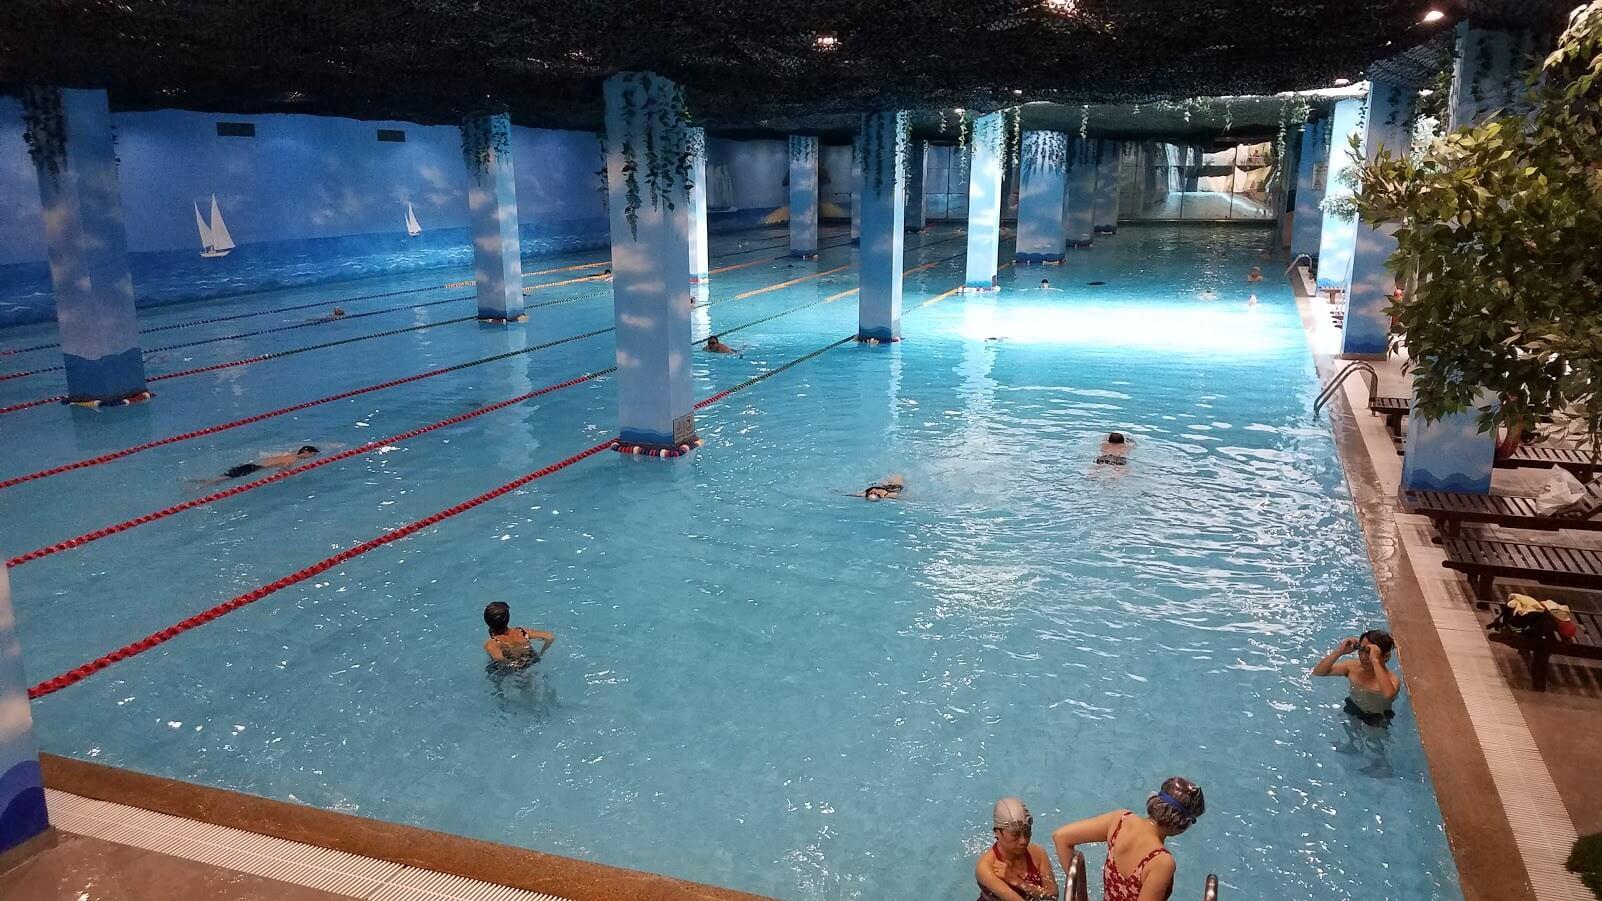 Bể bơi hiện đại (hình minh hoạ)